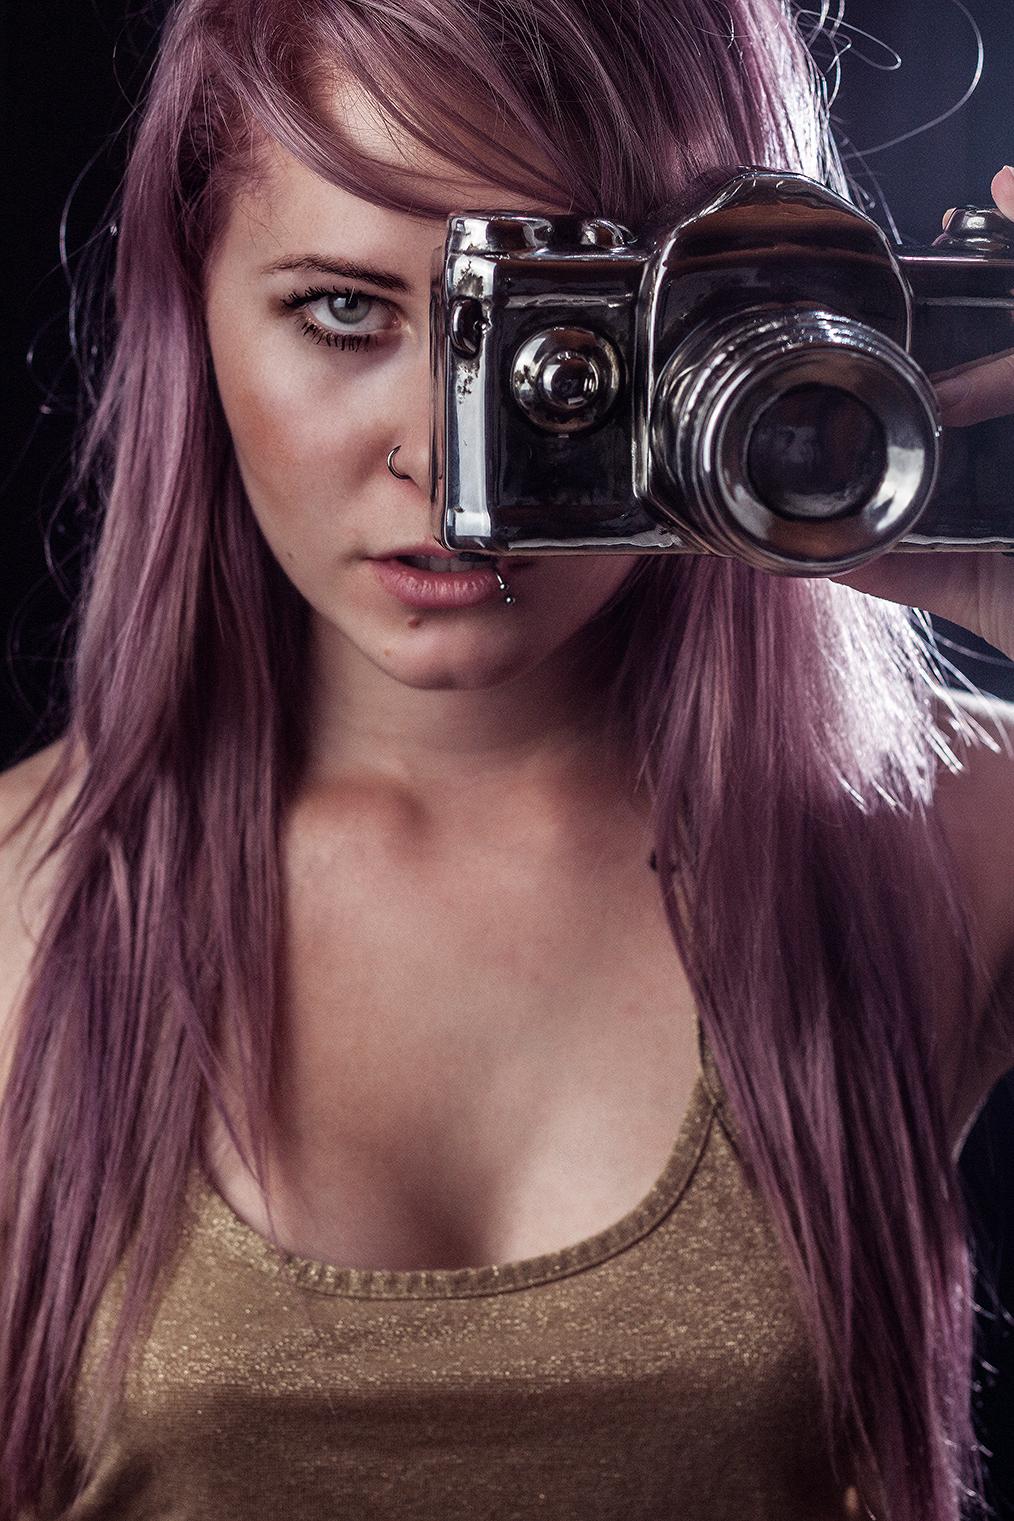 Tipps für Selbstportraits Posen